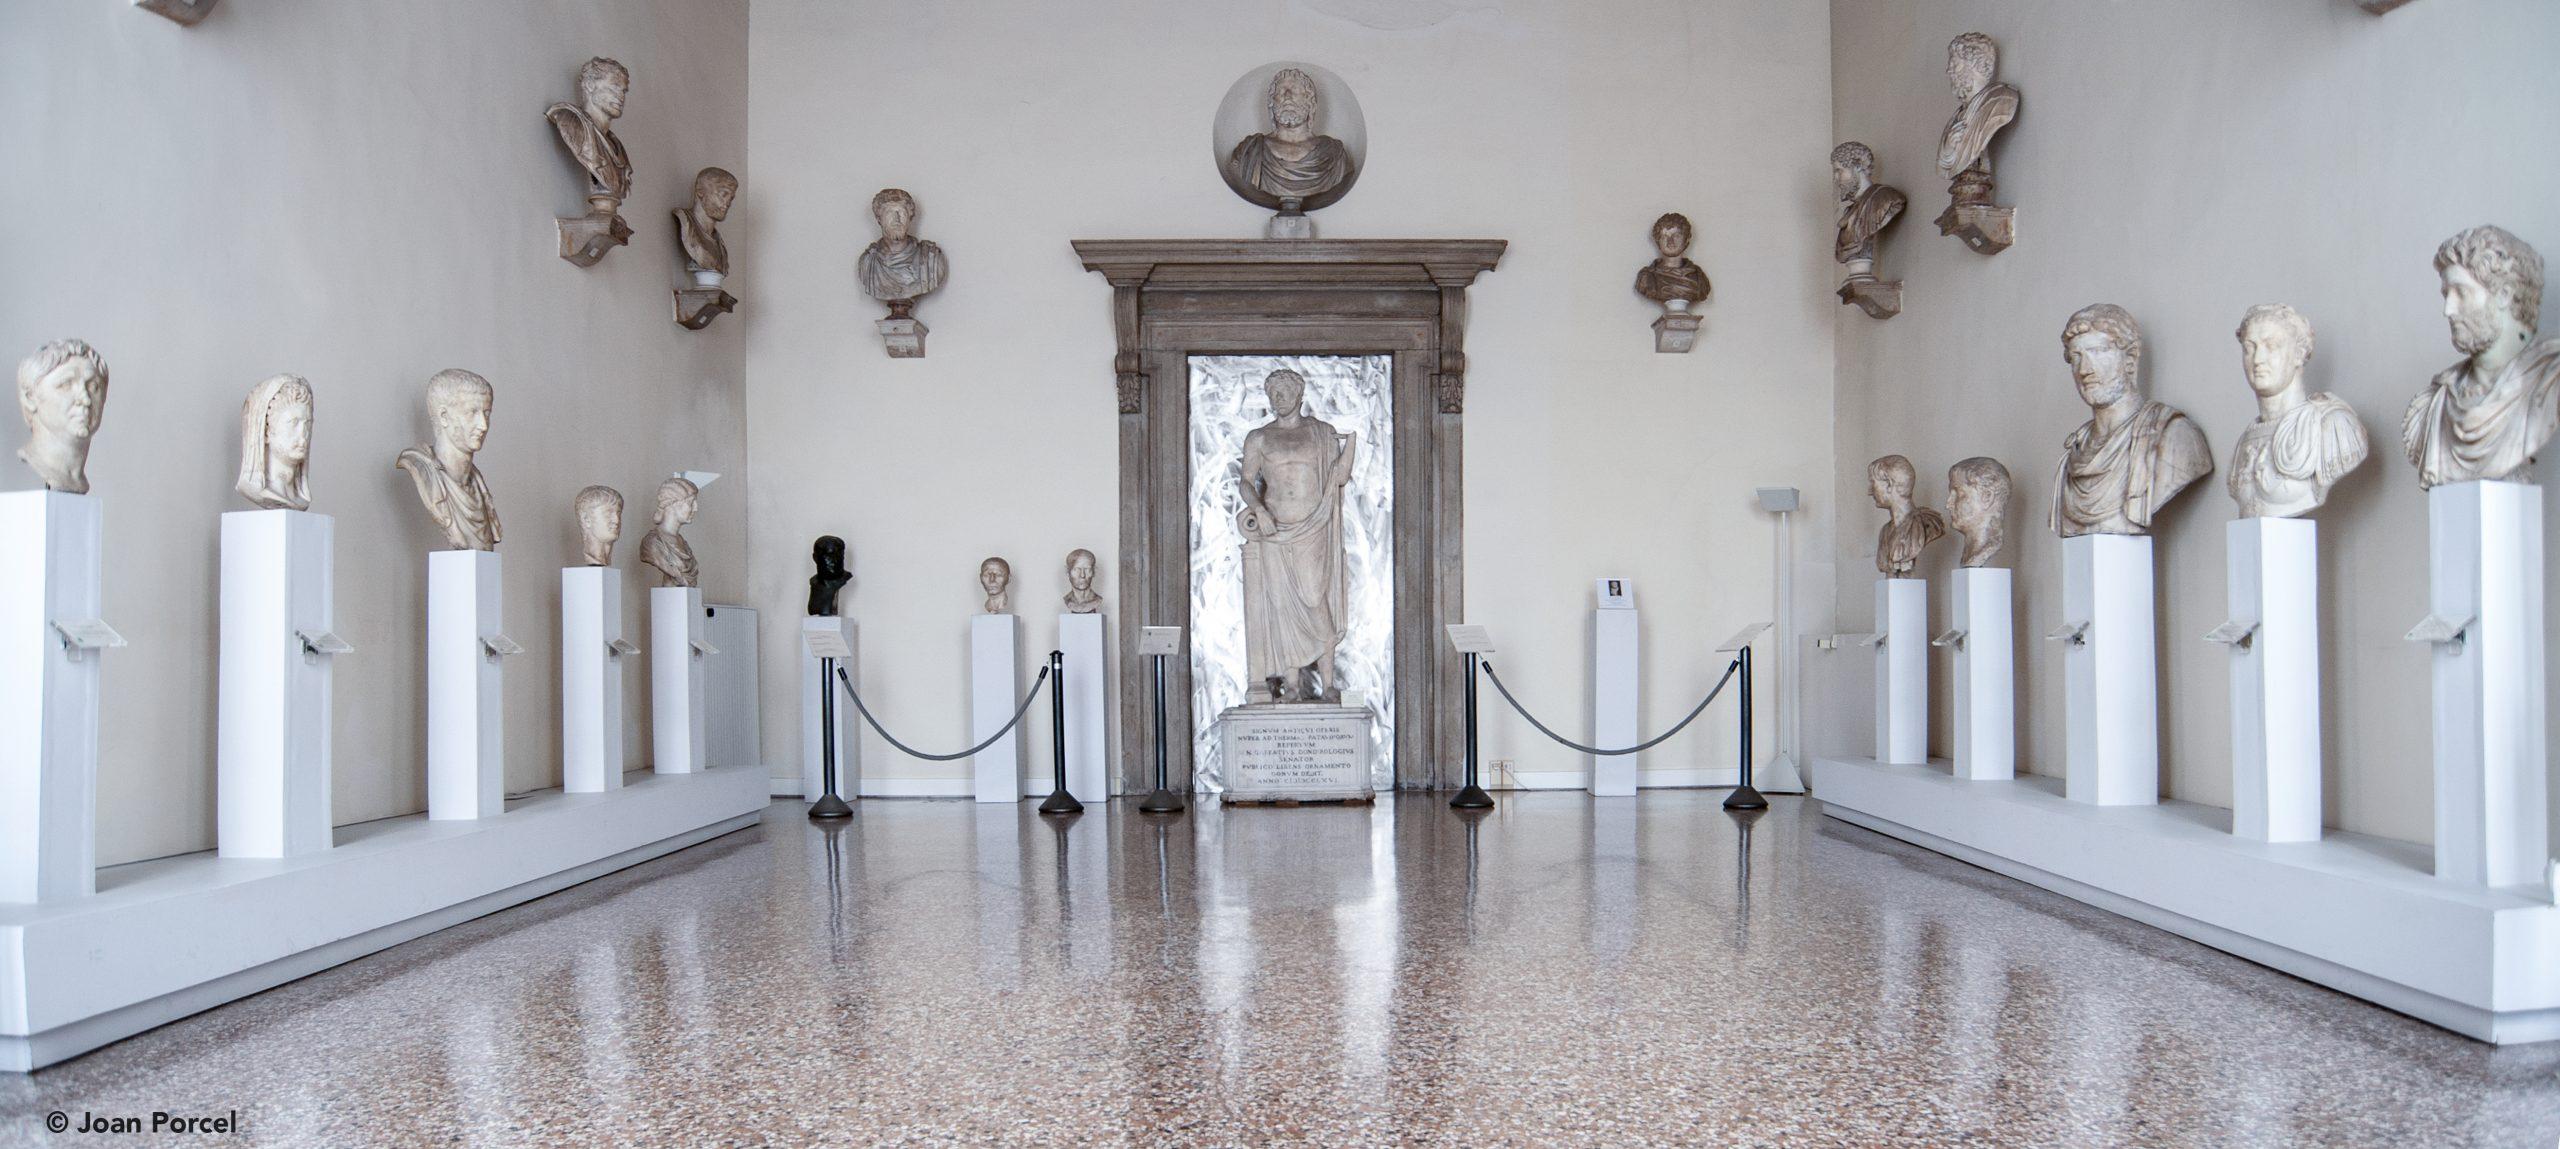 Il Museo Archeologico Nazionale di Venezia